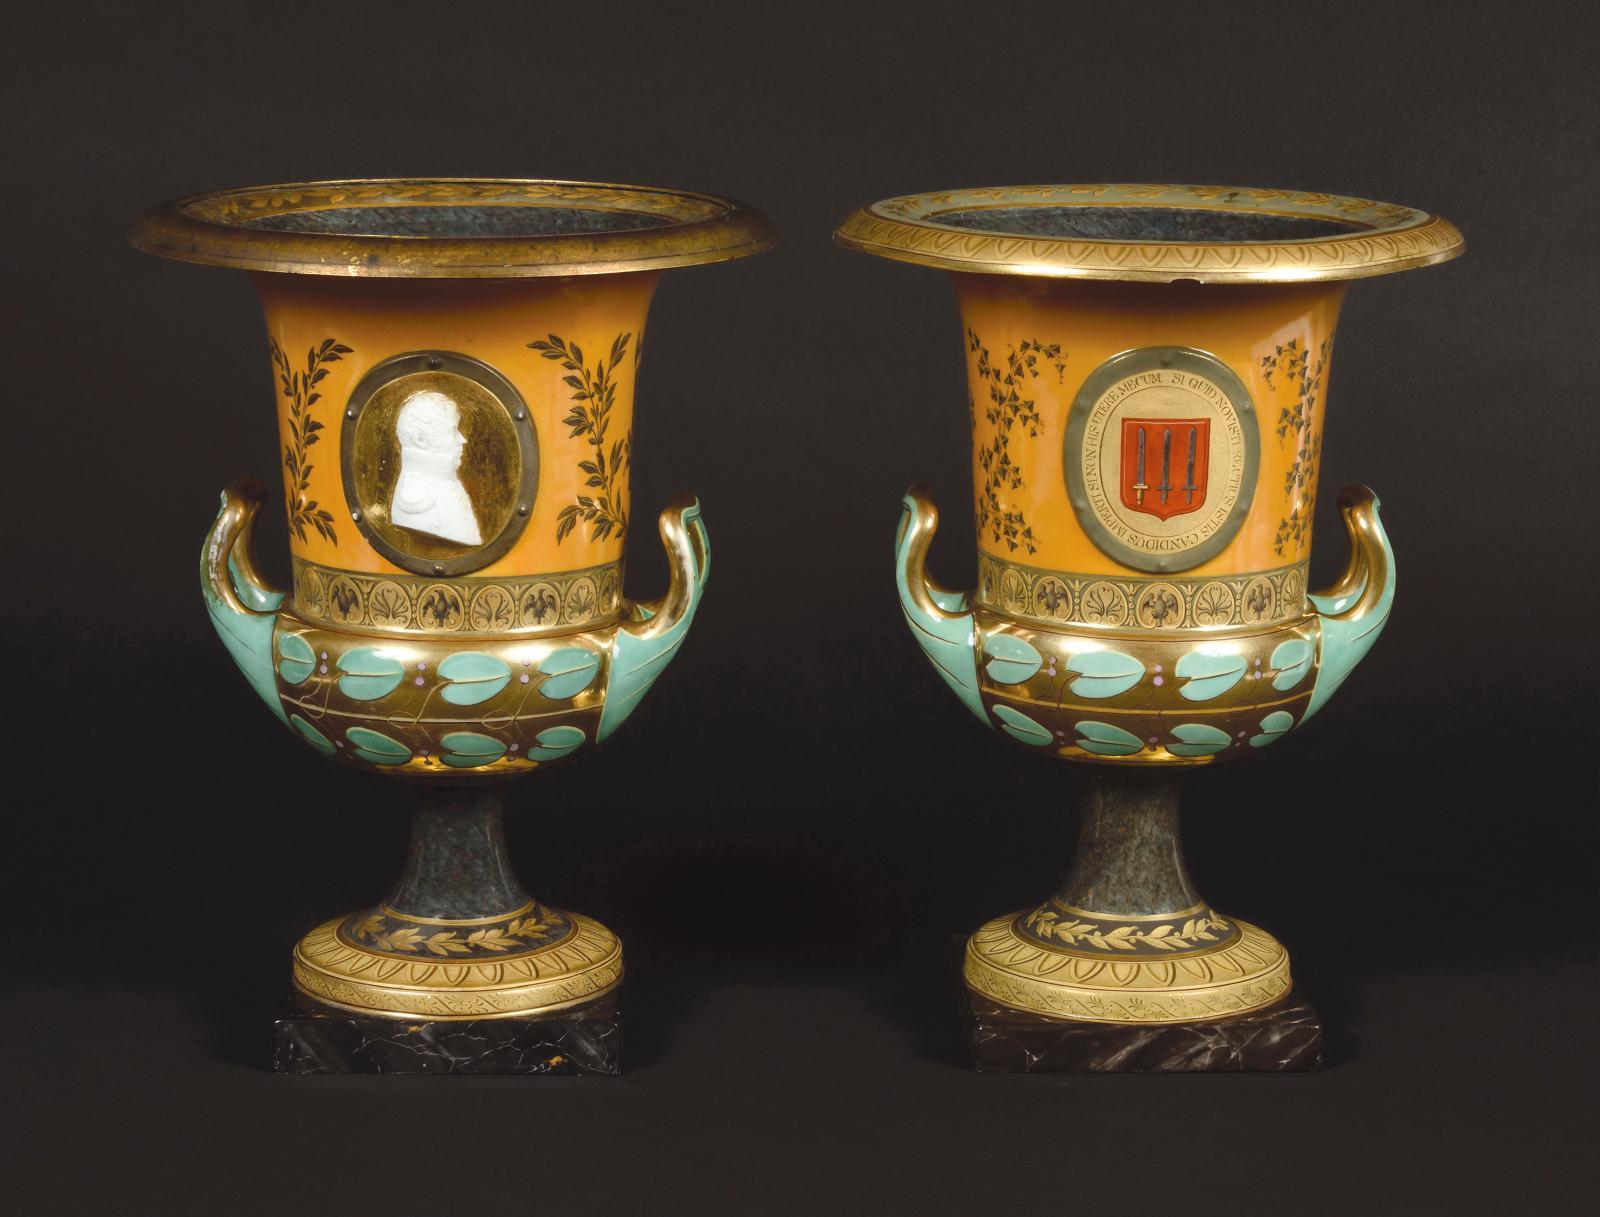 Berlin, époque Empire. Paire de vases en porcelaine de forme cratère, nommés «Redensche Vase n°0», ornés des portraits en biscuit en bas